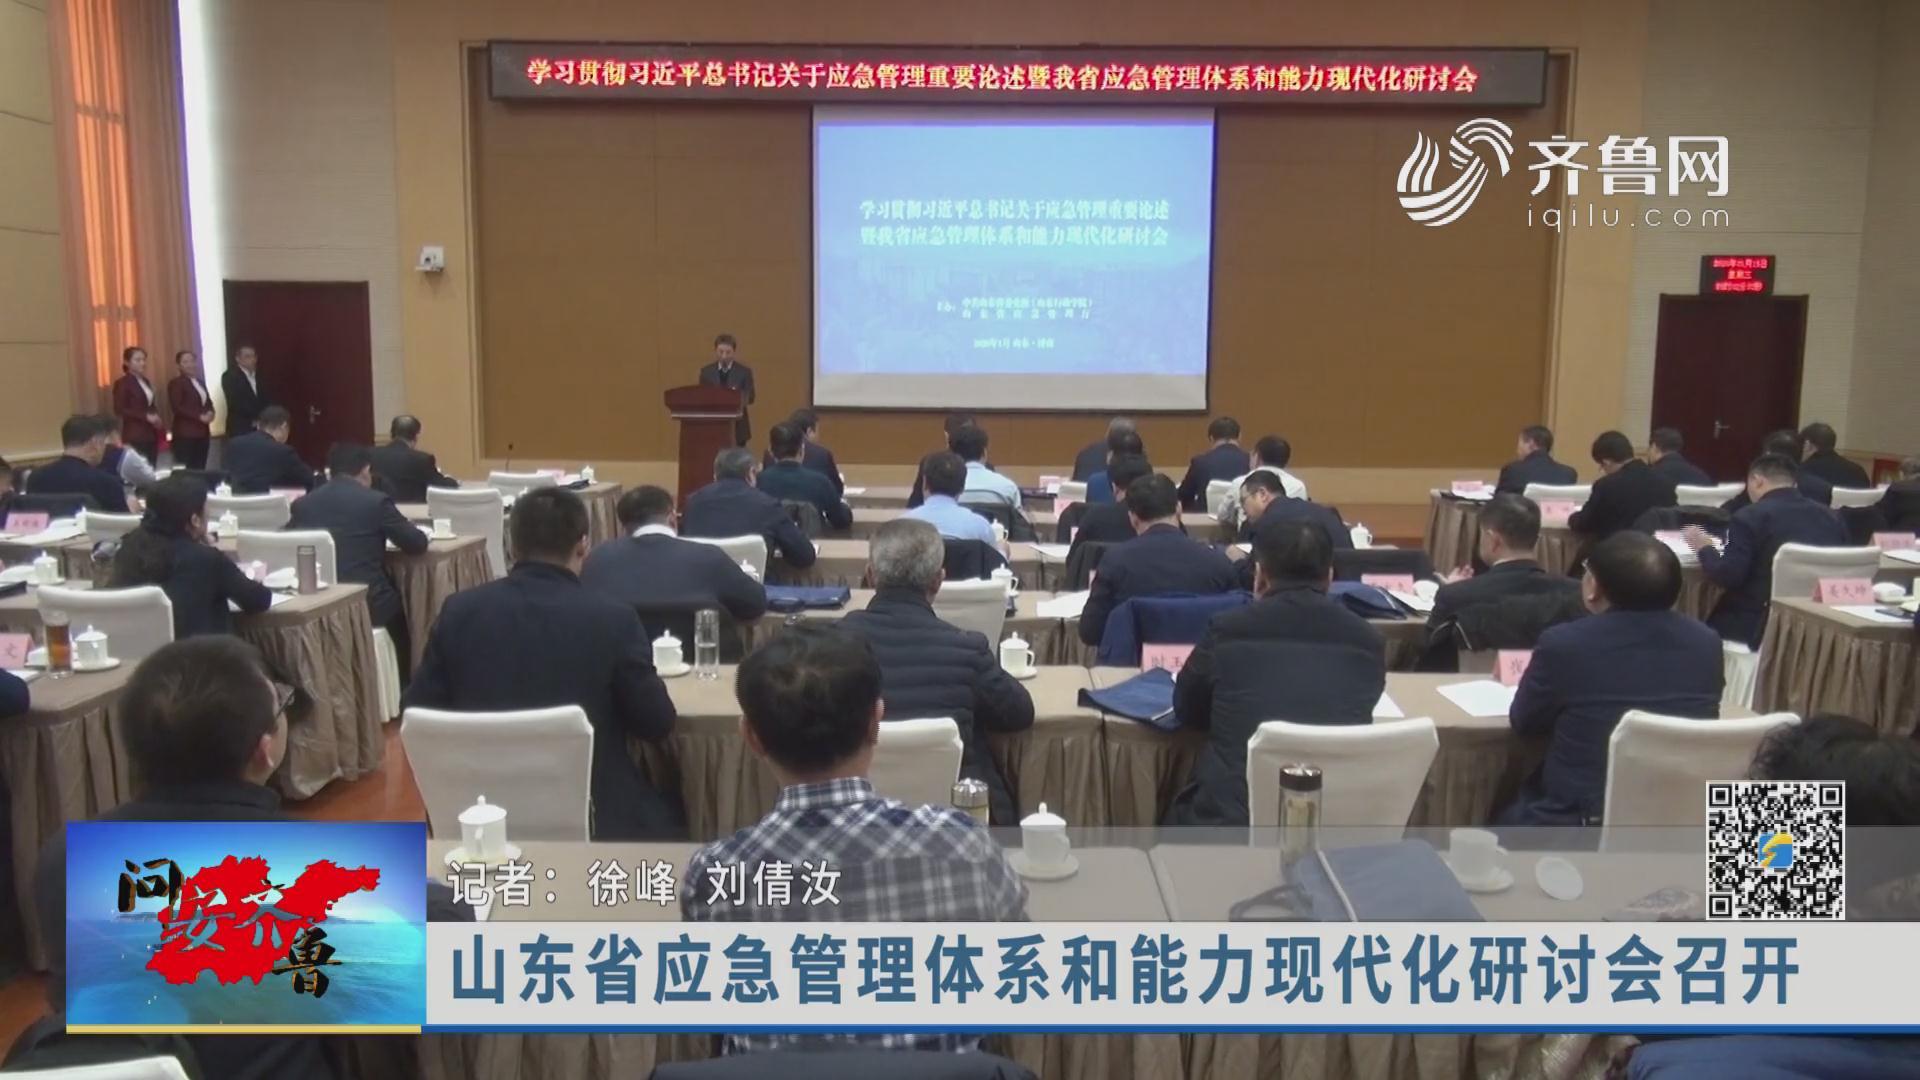 《问安齐鲁》20200219:山东省应急管理体系和能力现代化研讨会召开